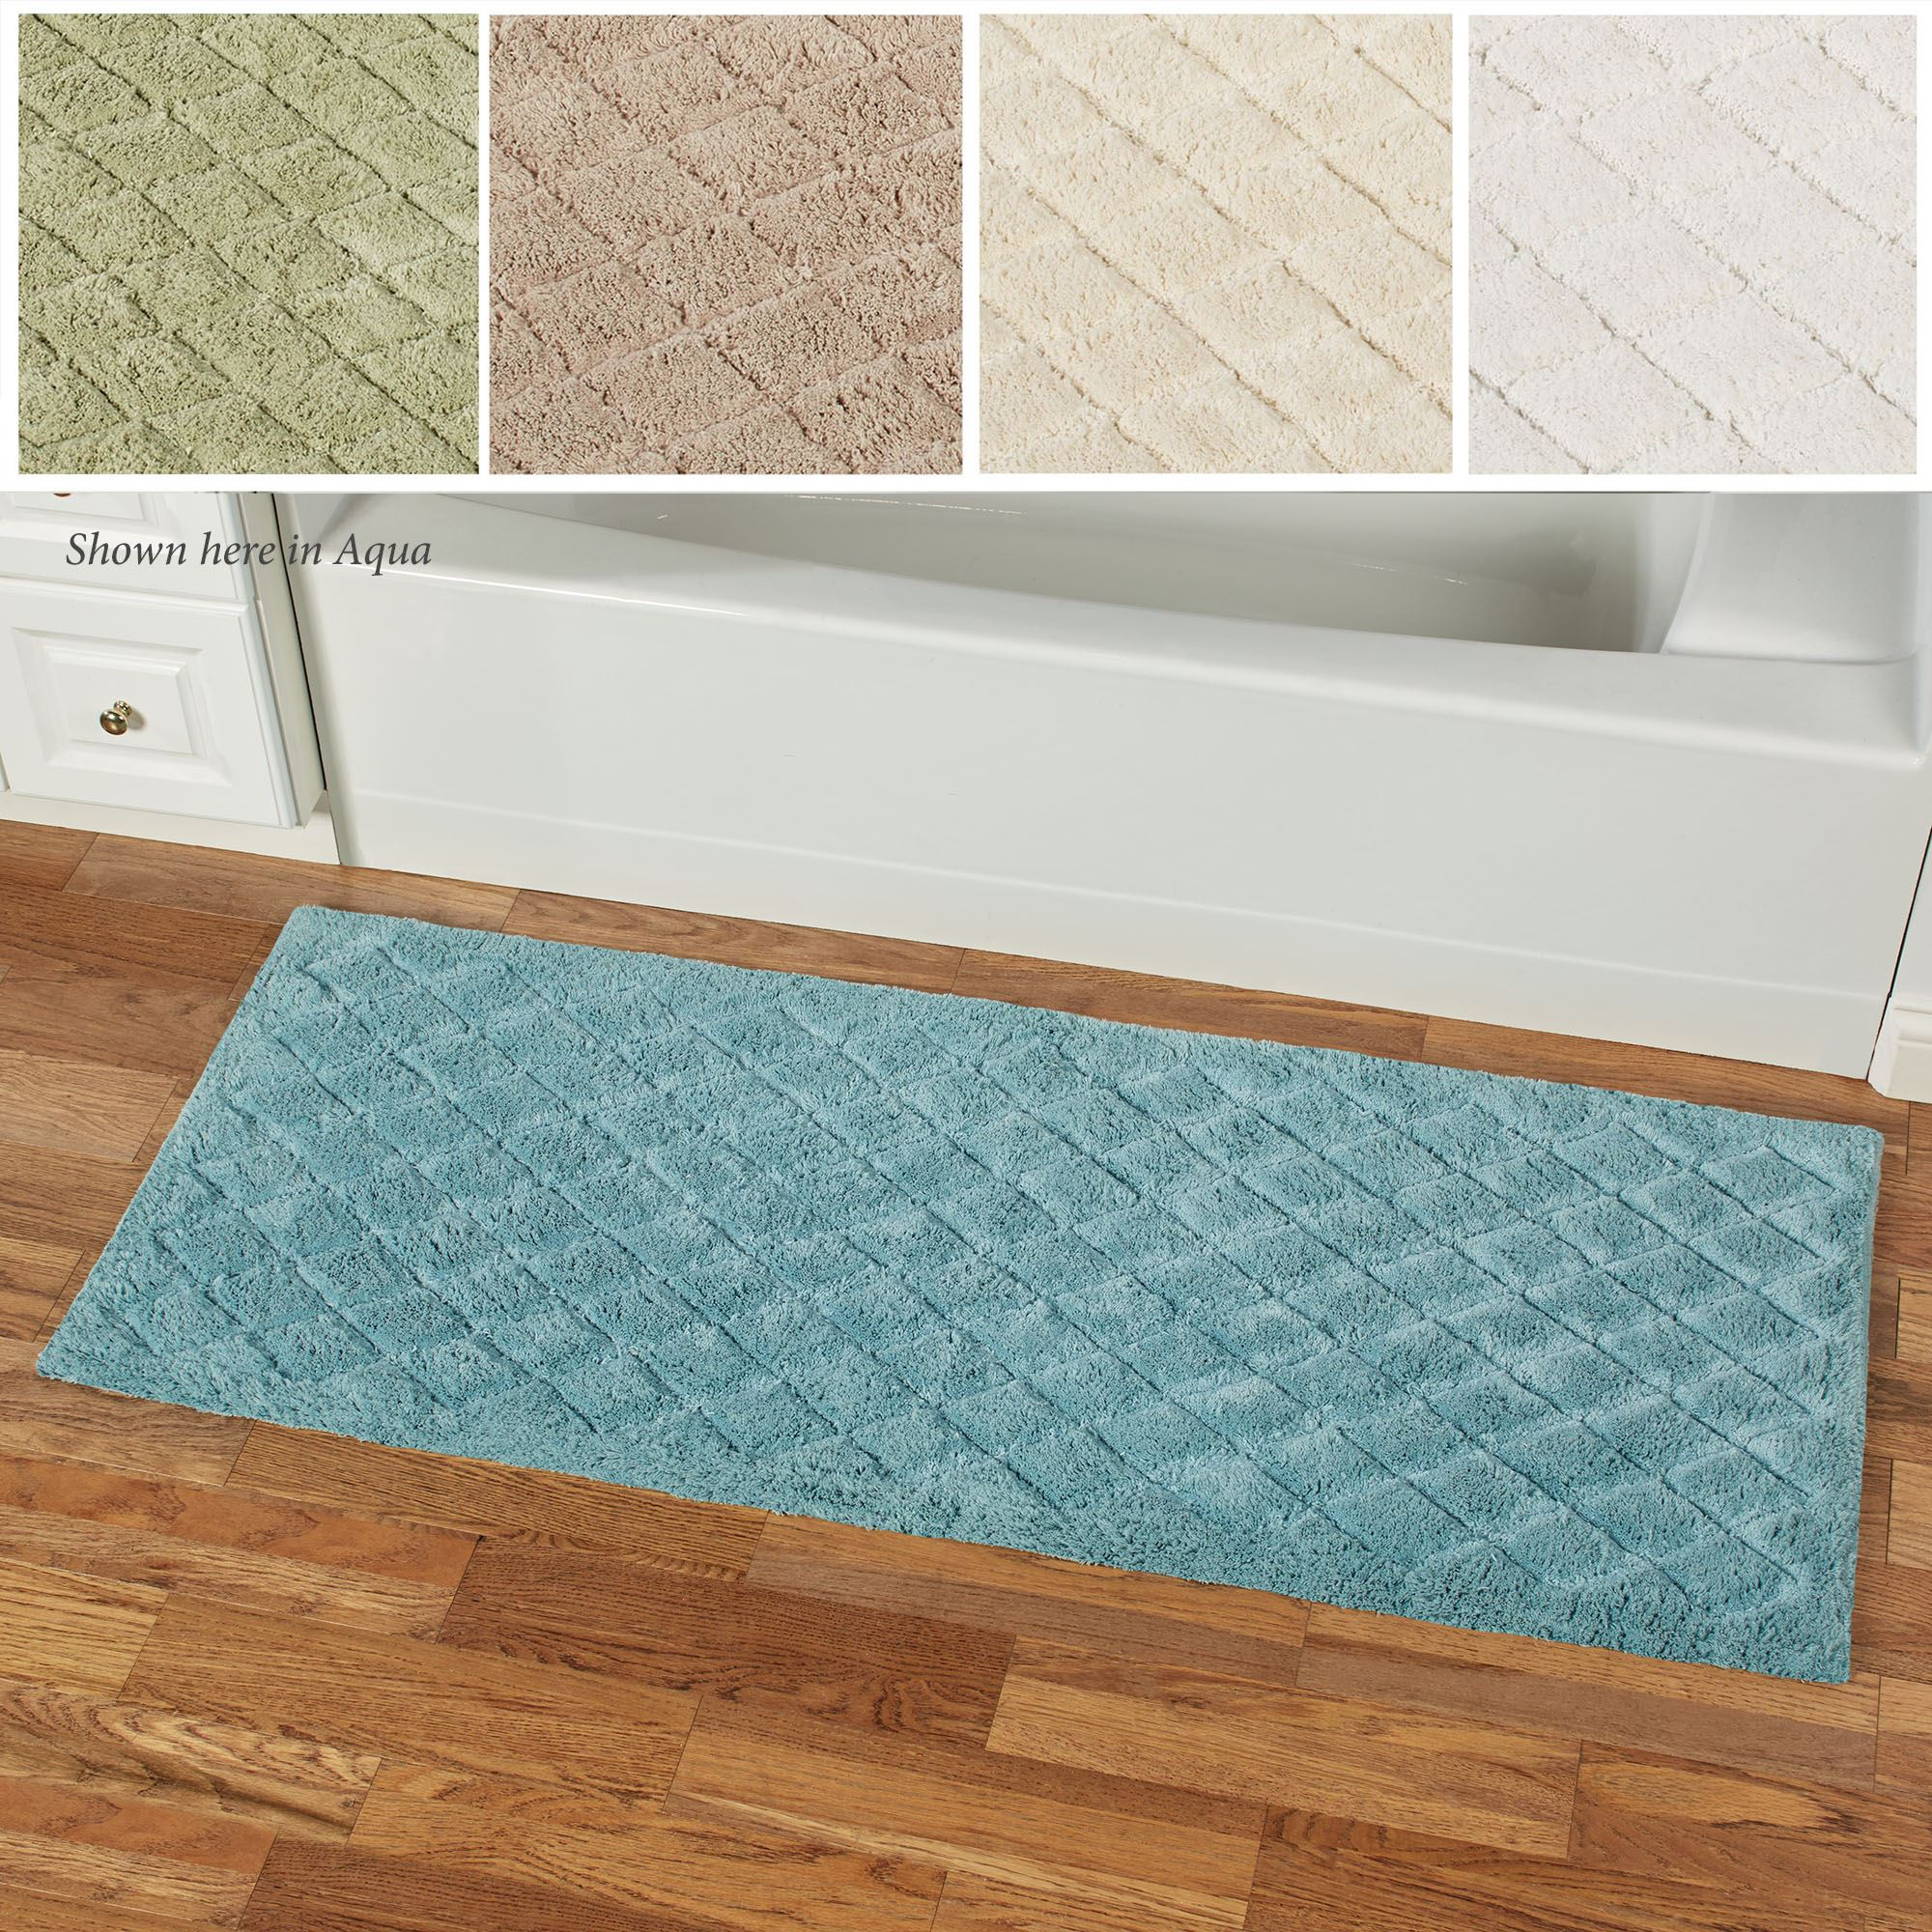 Splendor 60 Inch Wide Plush Bath Rug Runner